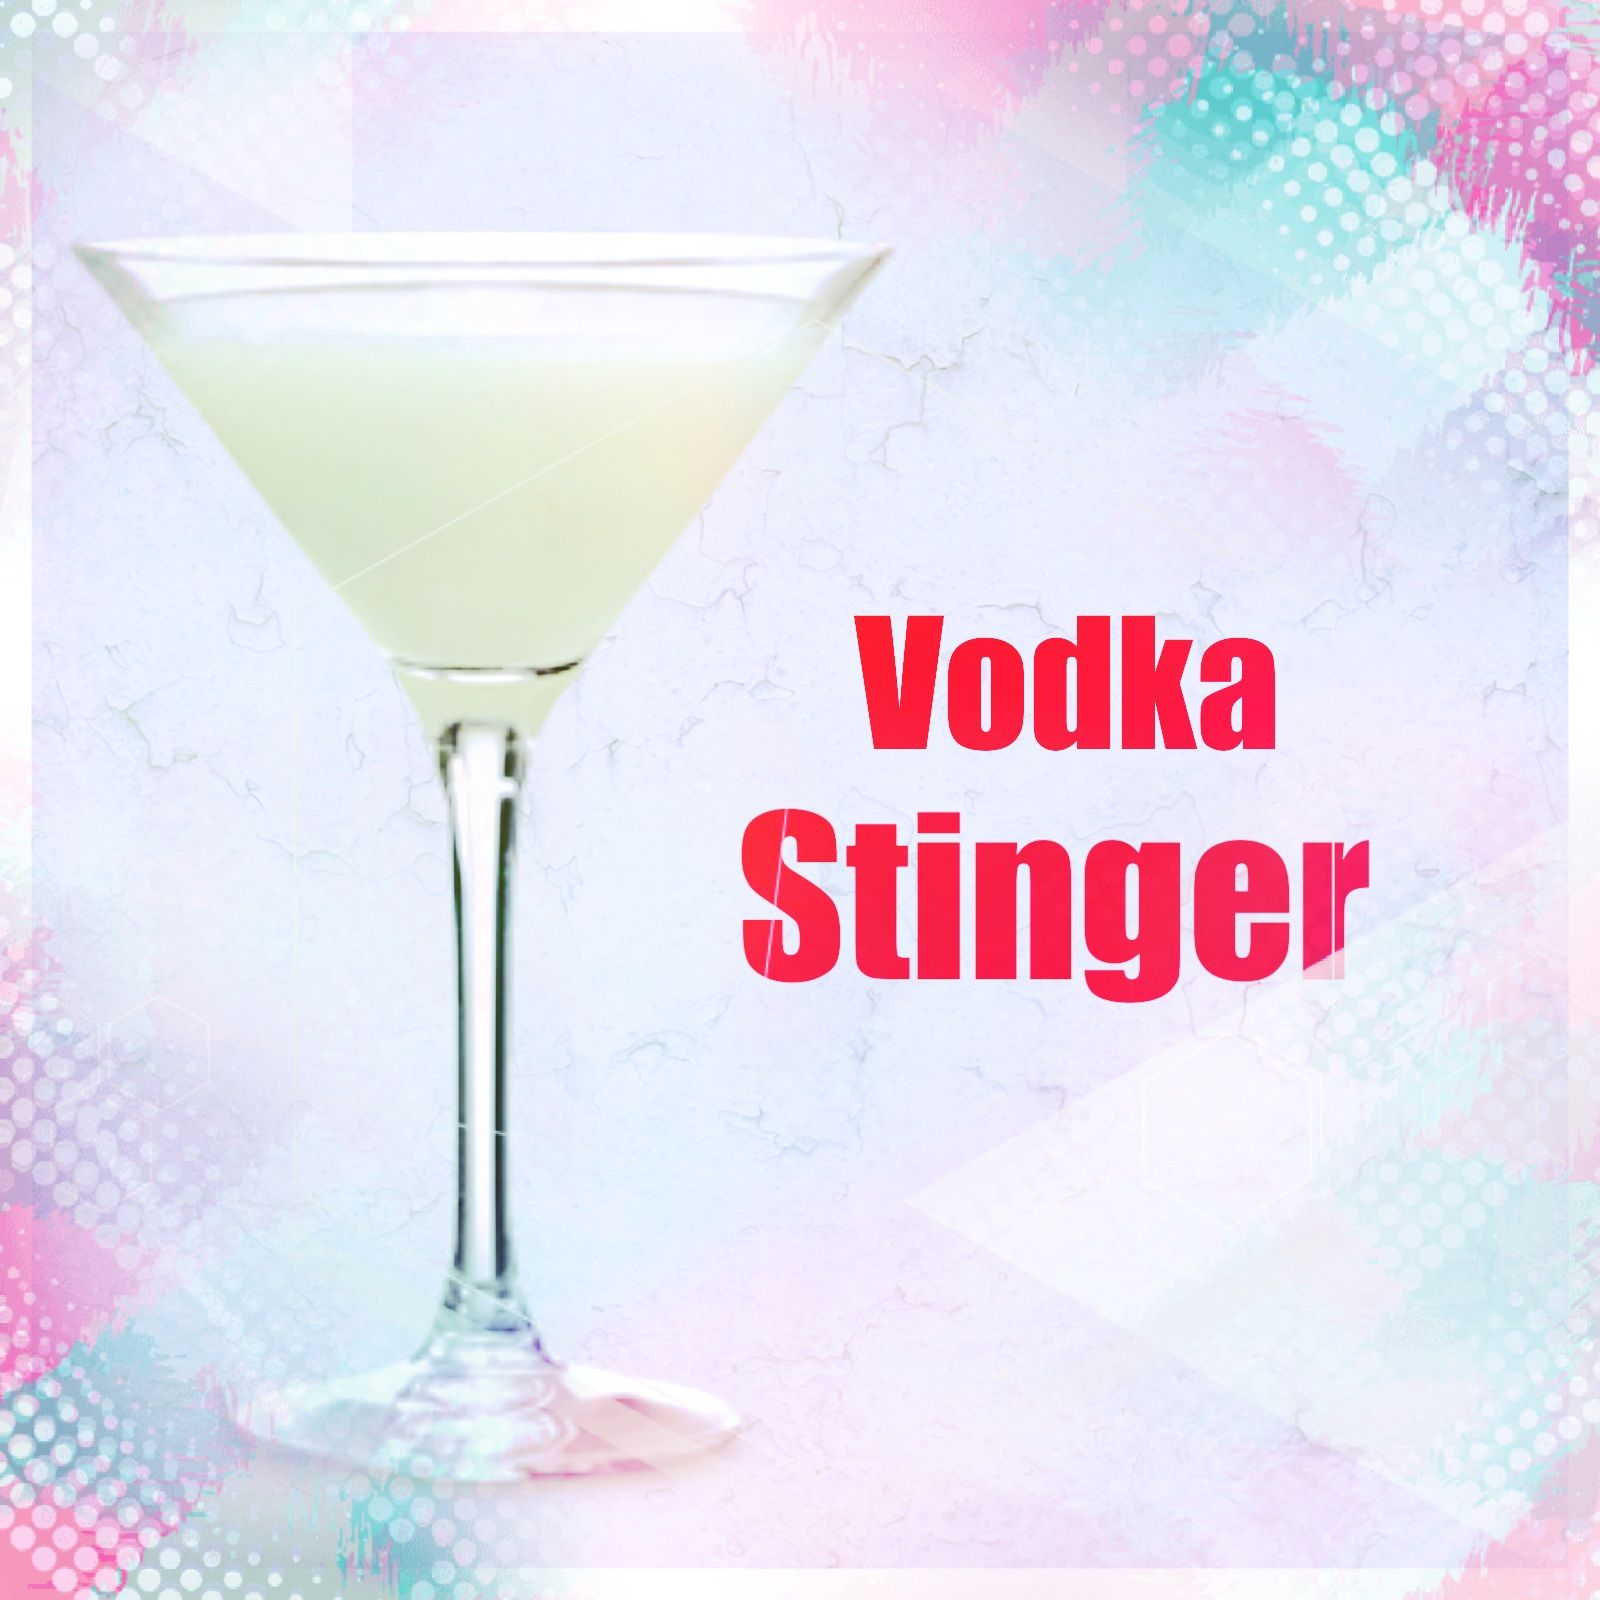 White Noise Presents Vodka Stinger Mixed Drink Welcome To The Home Of The Vodka Stinger Mixed Drink Vodka Stinger Co Mixed Drinks Recipes Mixed Drinks Vodka